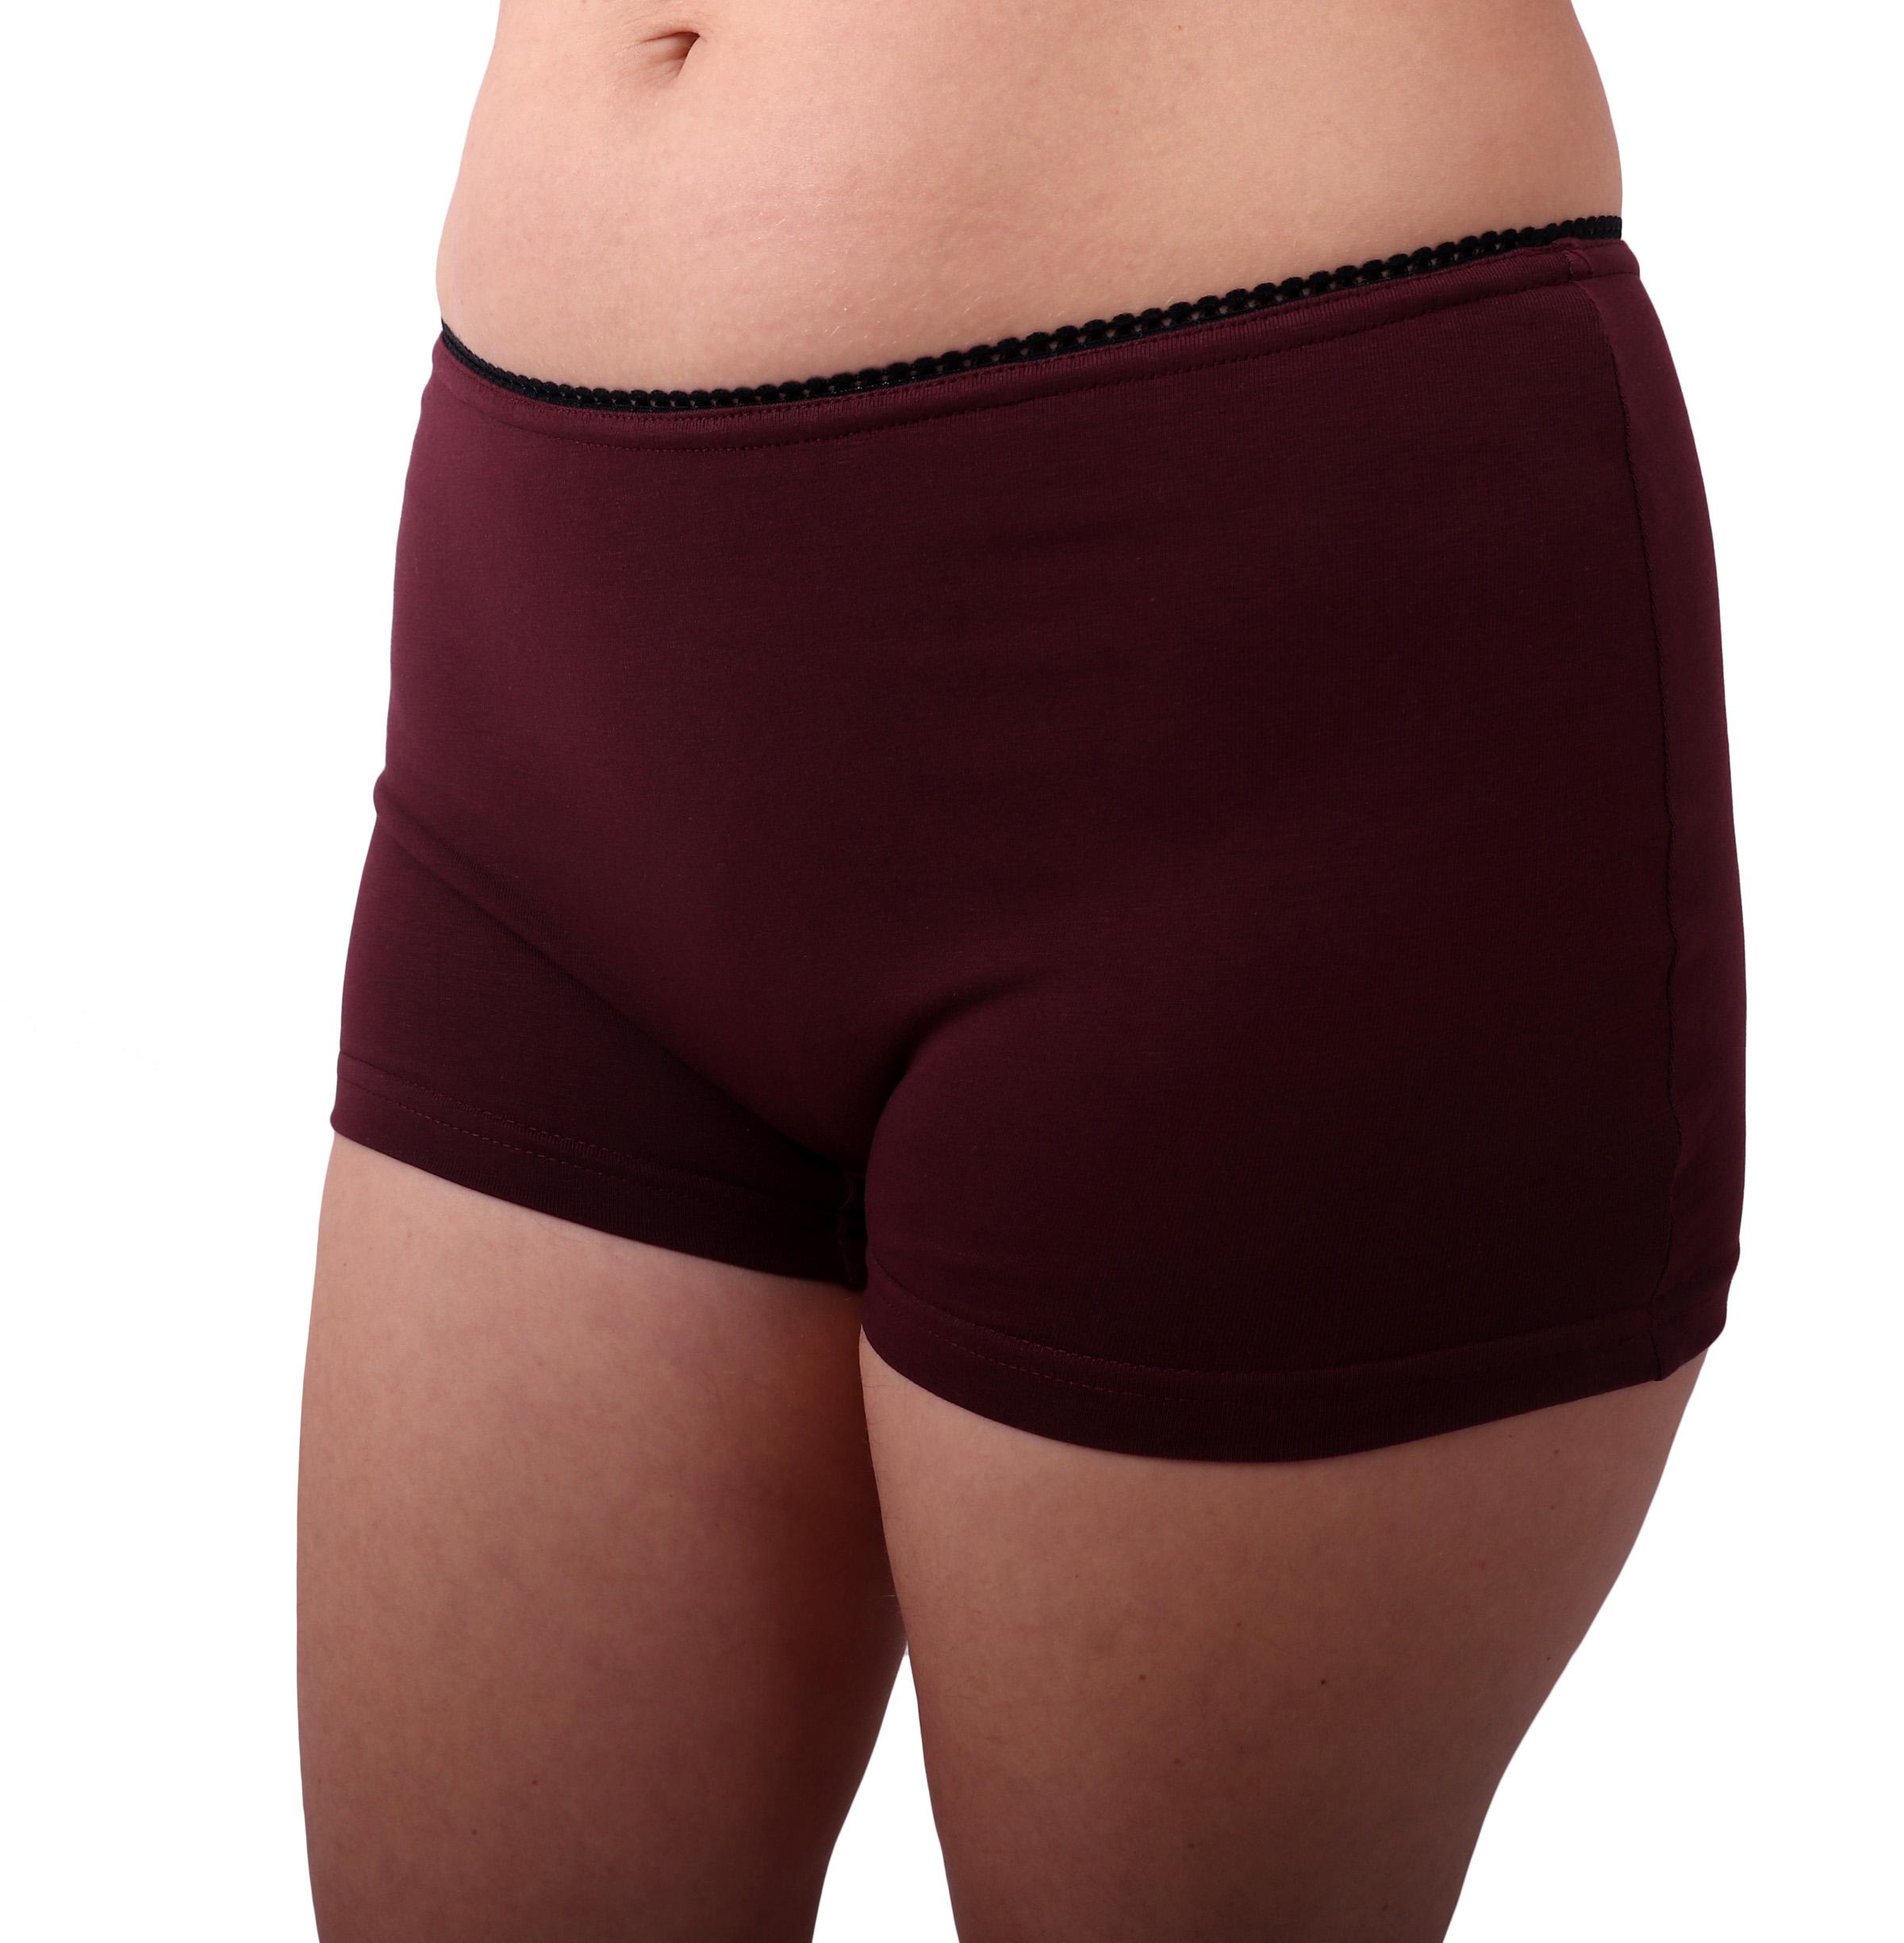 Dámské kalhotky bavlněné, nohavičkové, bordo, 48